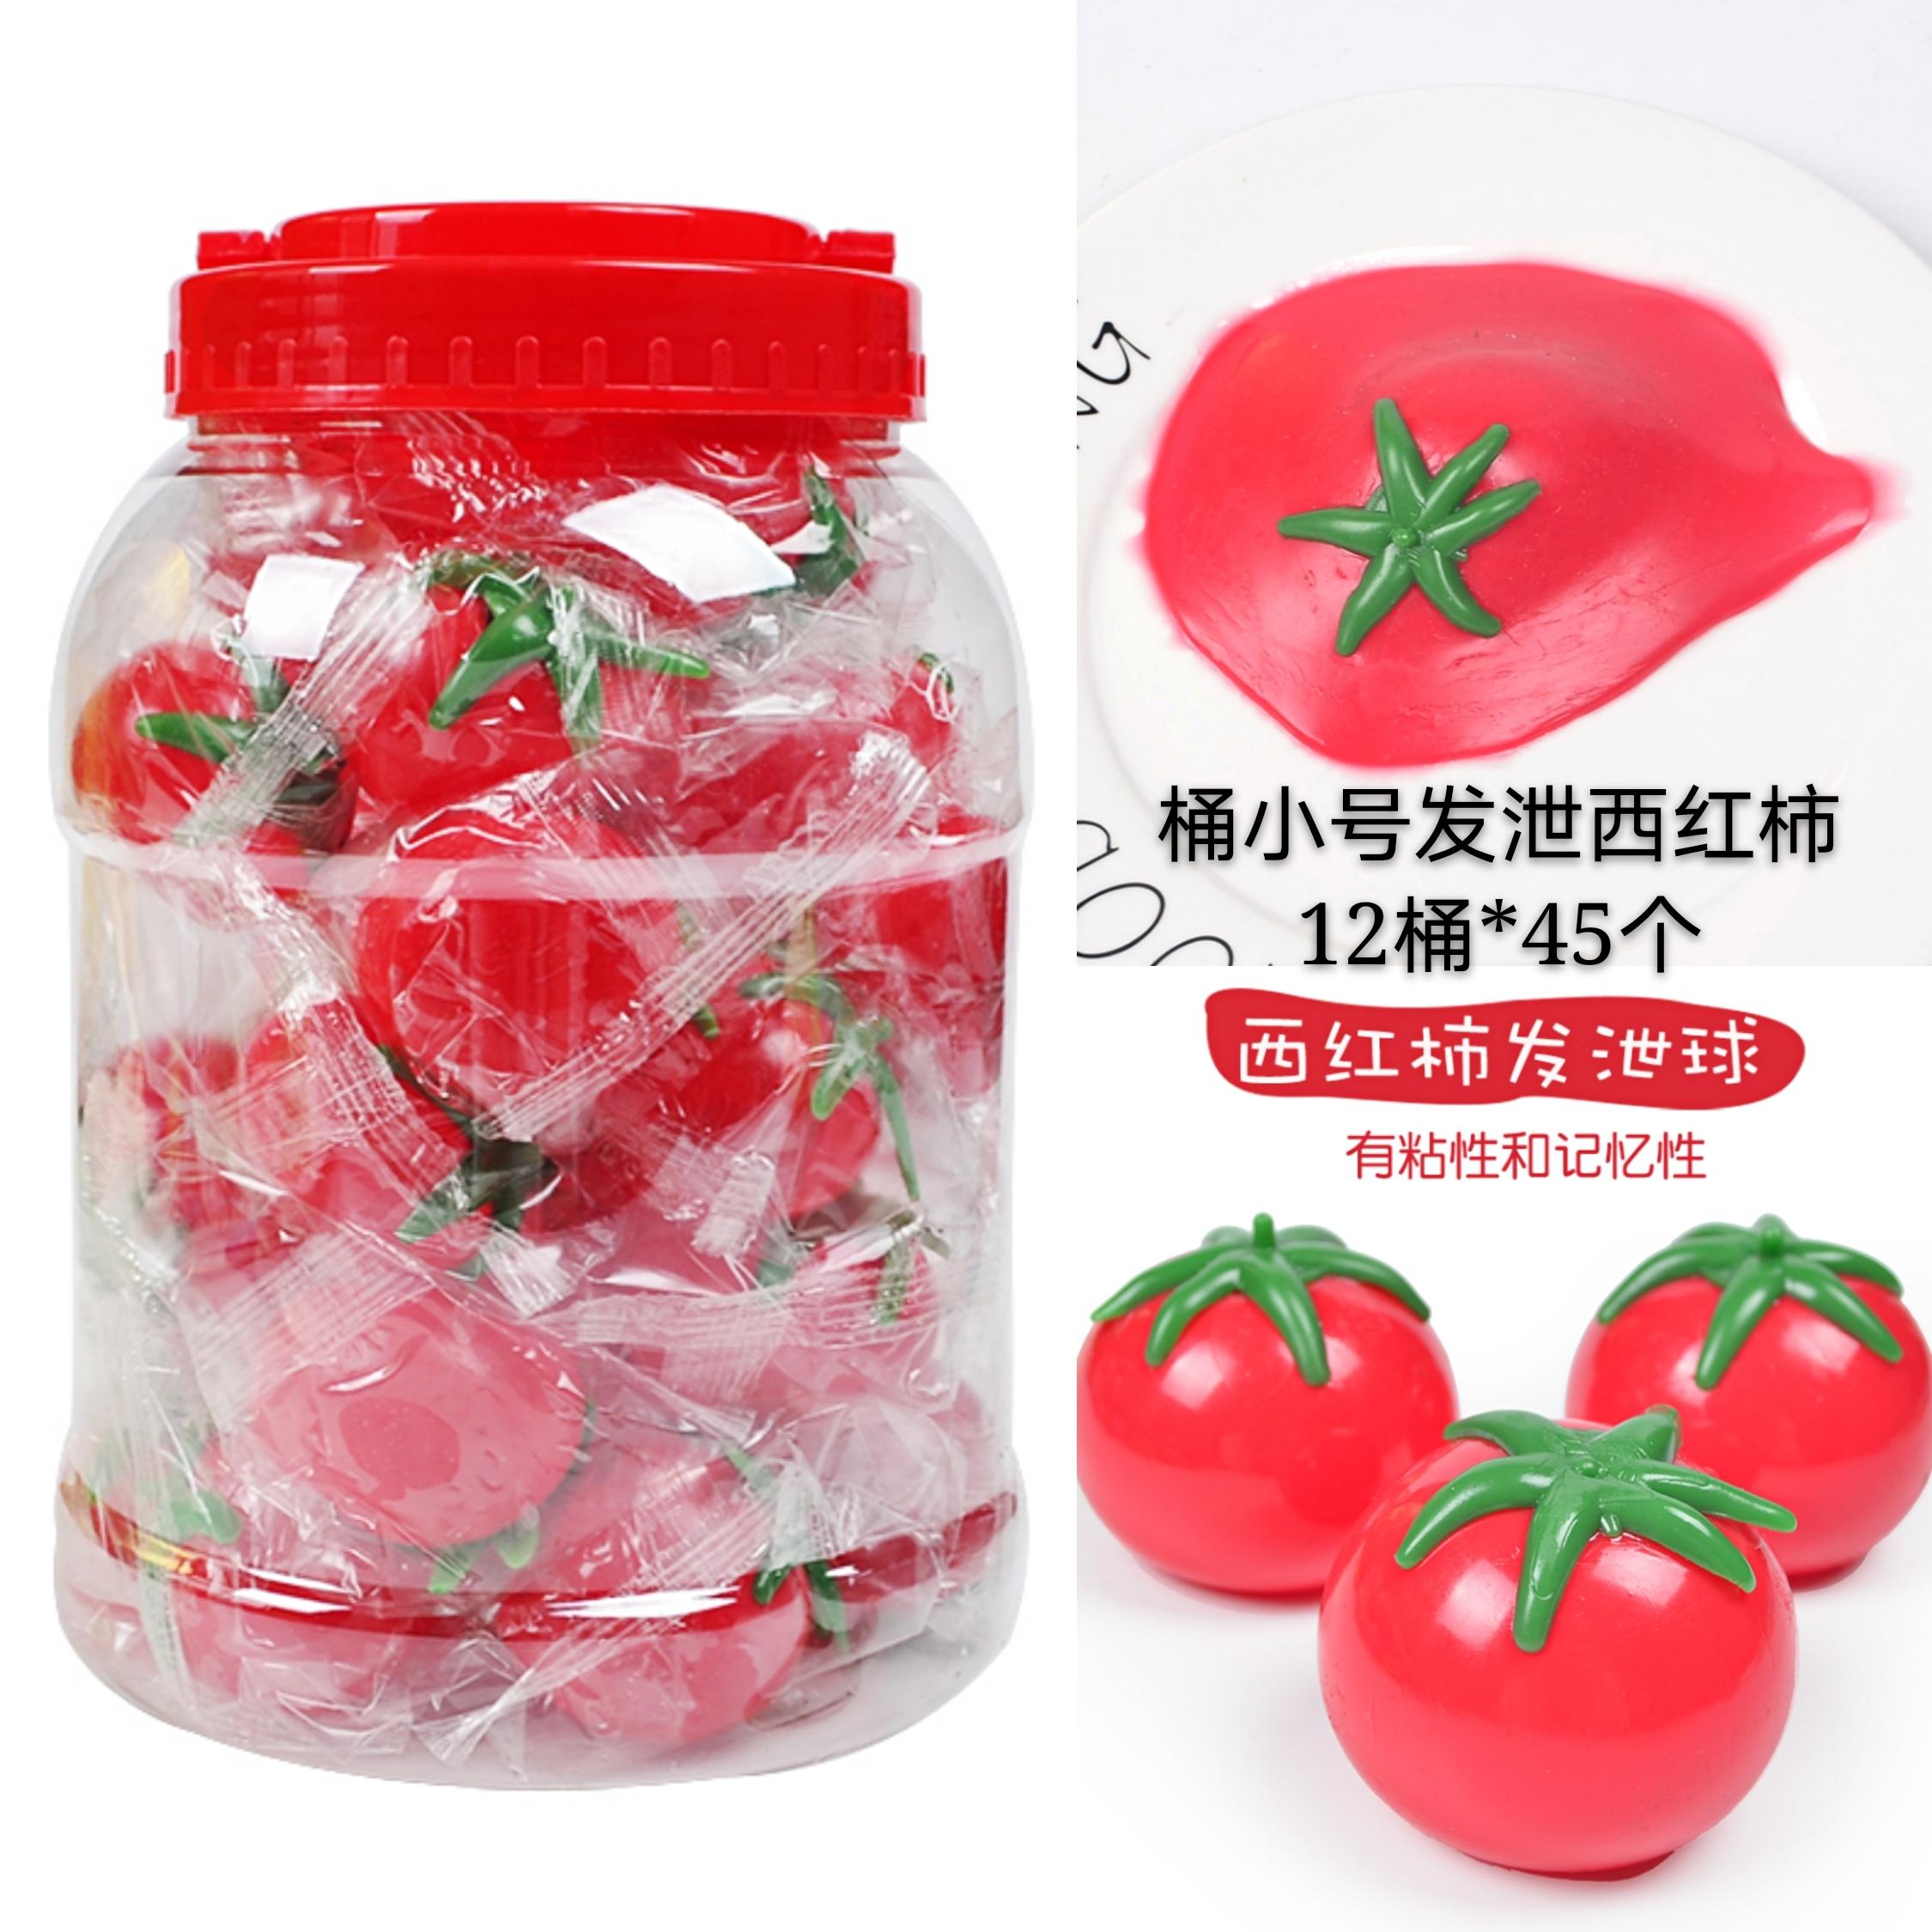 桶发泄小号西红柿12桶*45个